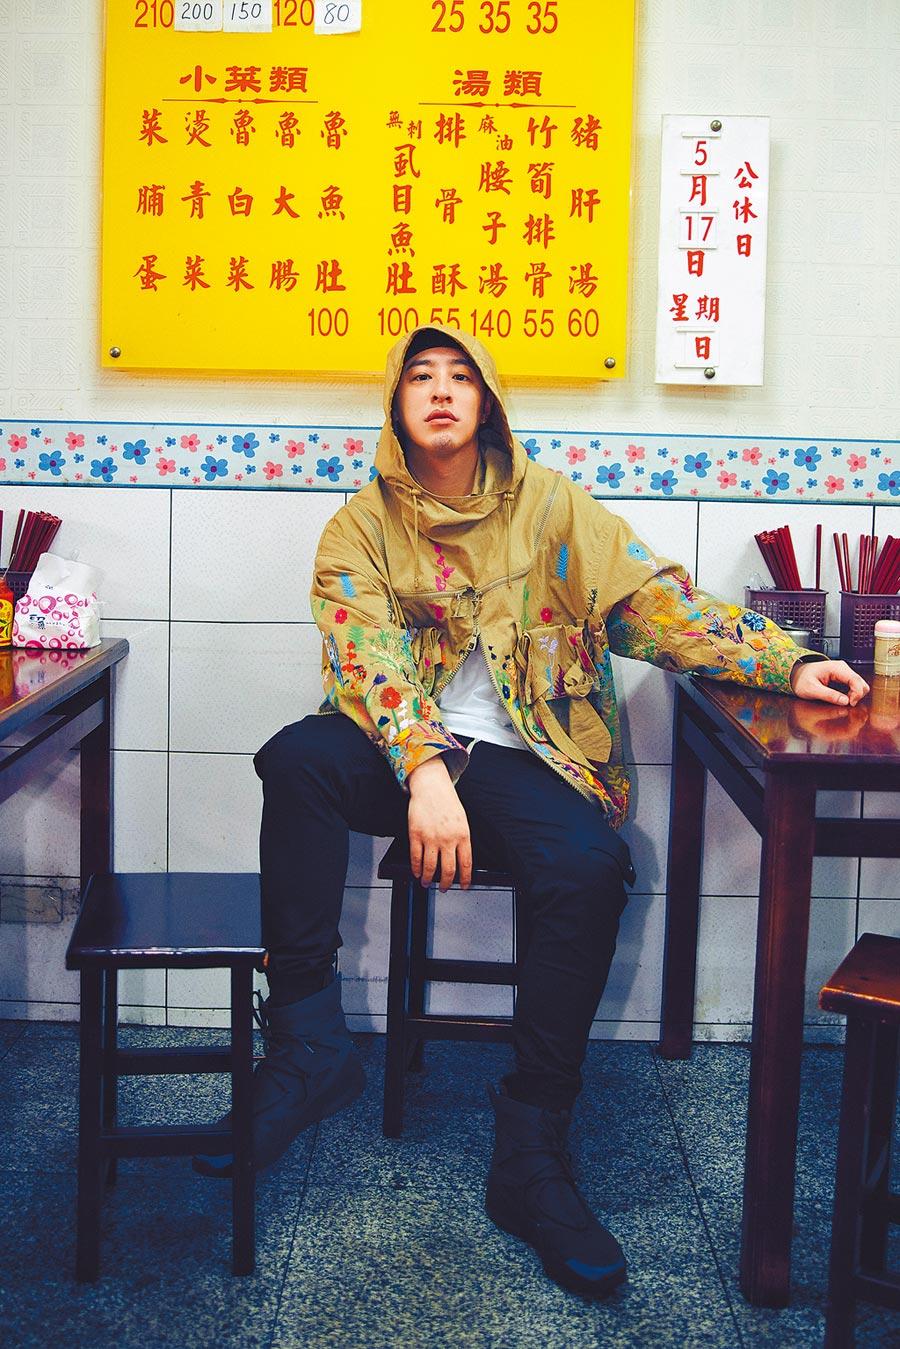 潘瑋柏在短片中呈現自己喜歡美食的一面。(華納音樂提供)